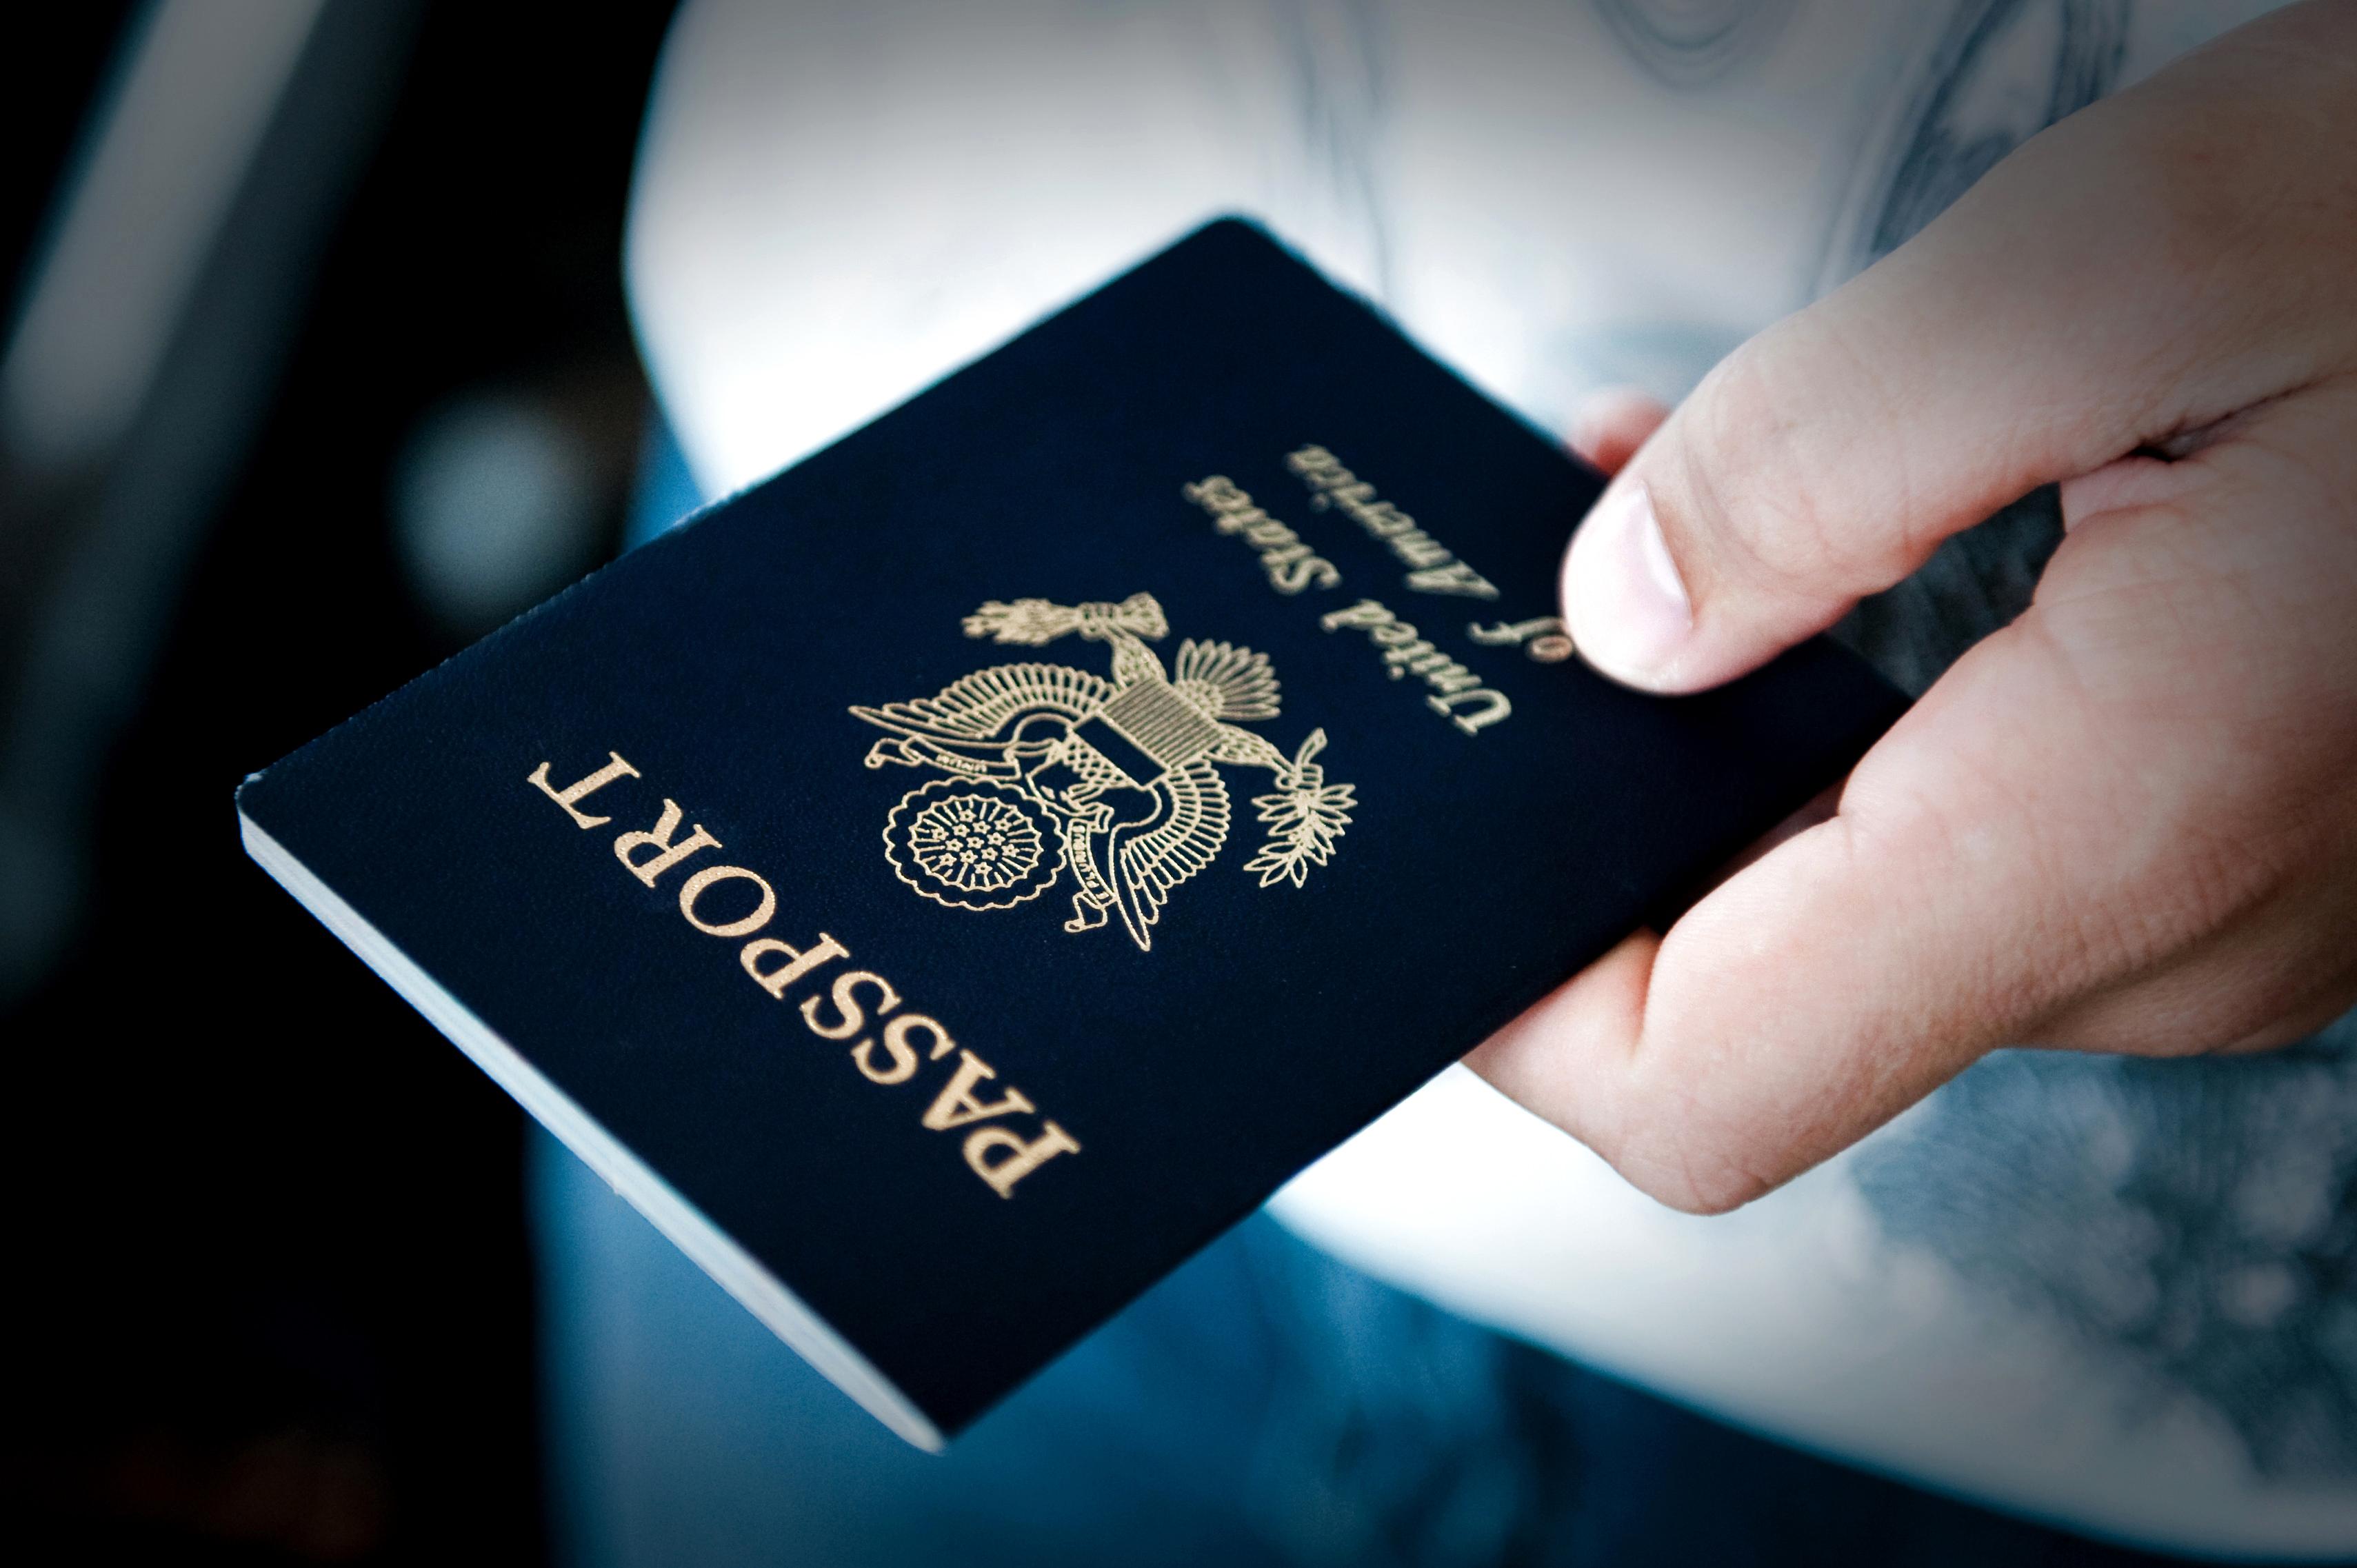 """מחזיקים בדרכון זר? נקודת הפתיחה שלכם ללימודים בחו""""ל מוצלחת בצורה משמעותית (צ'-shutterstock)"""